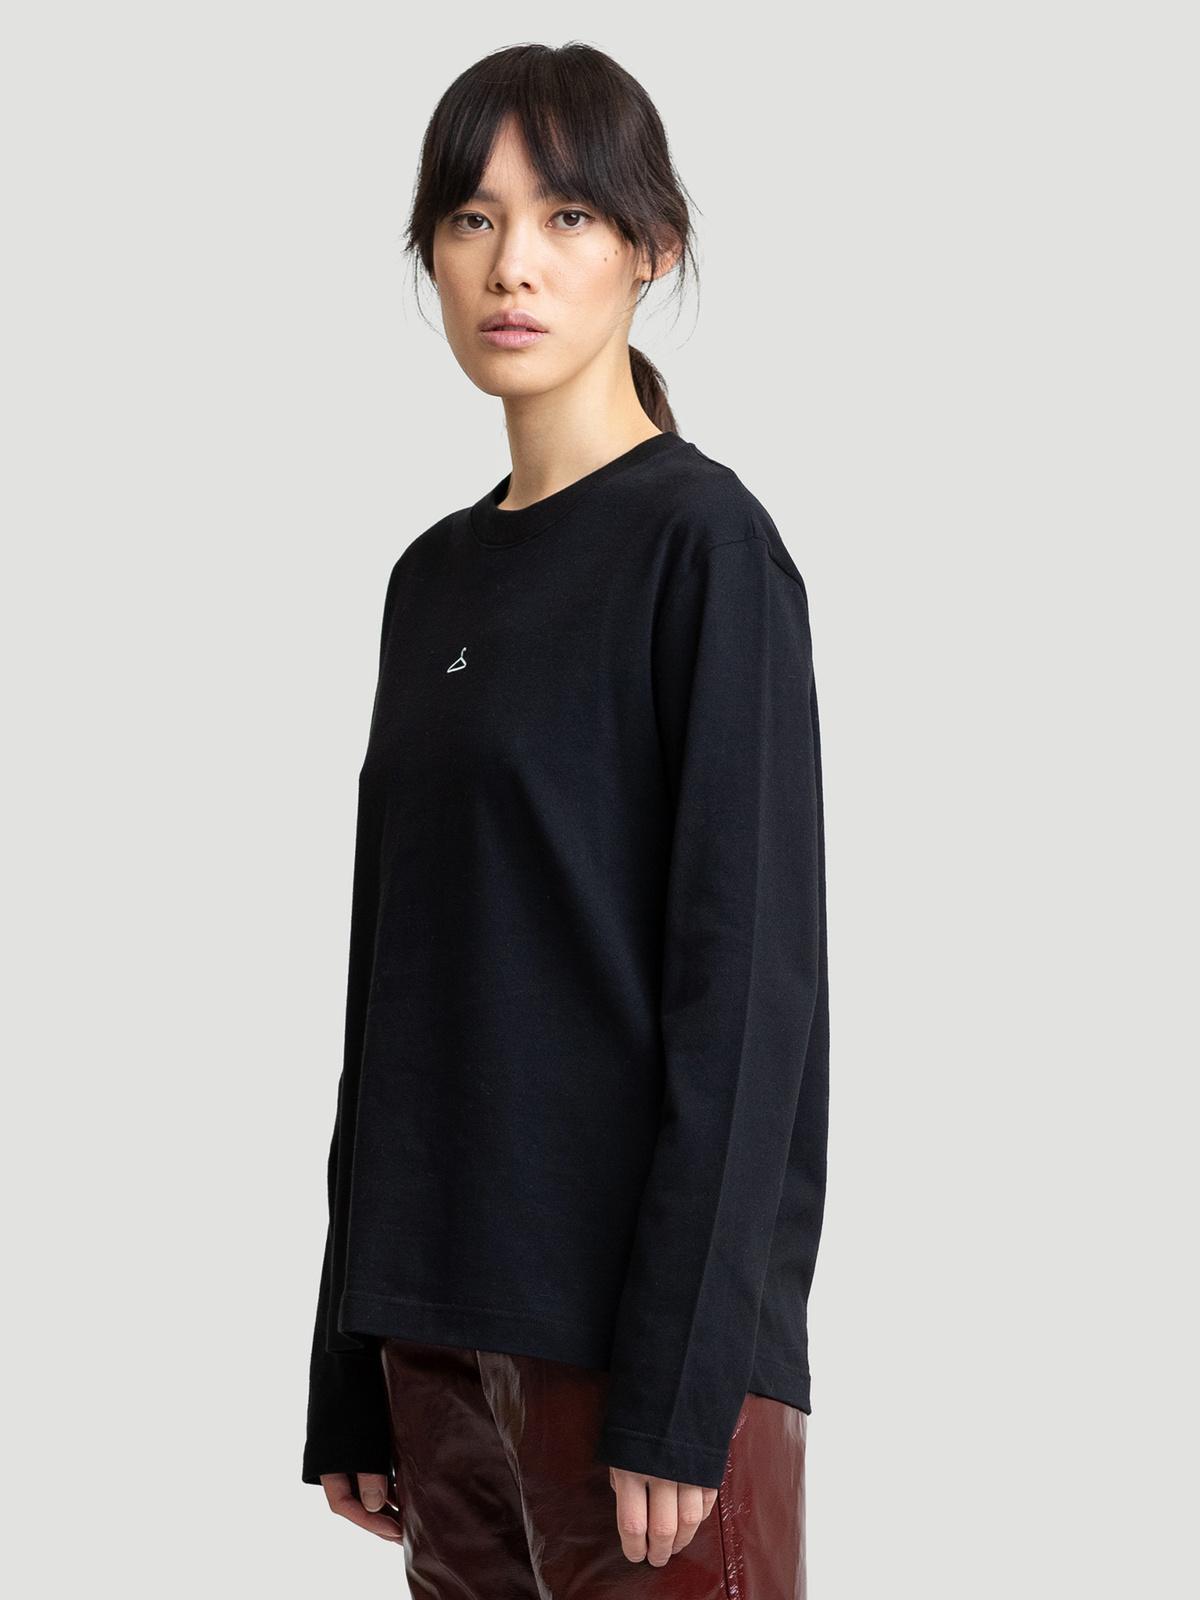 Hanger Longsleeve Black 7